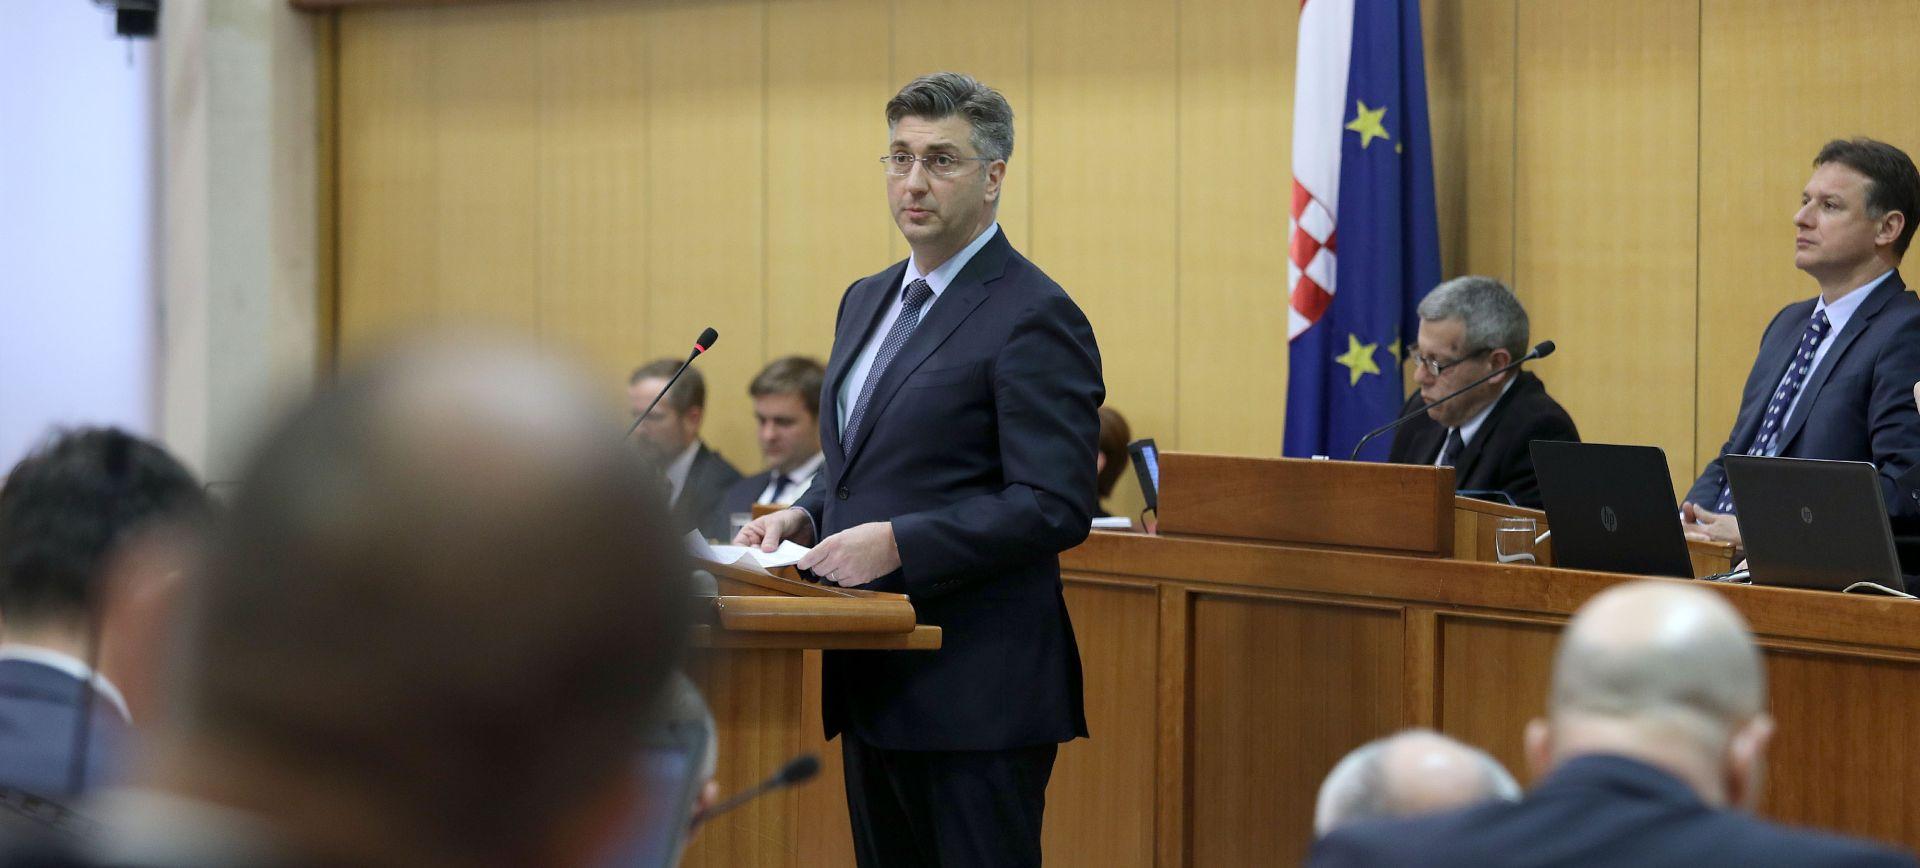 AGROKOR Plenković se u ponedjeljak sastaje s dobavljačima